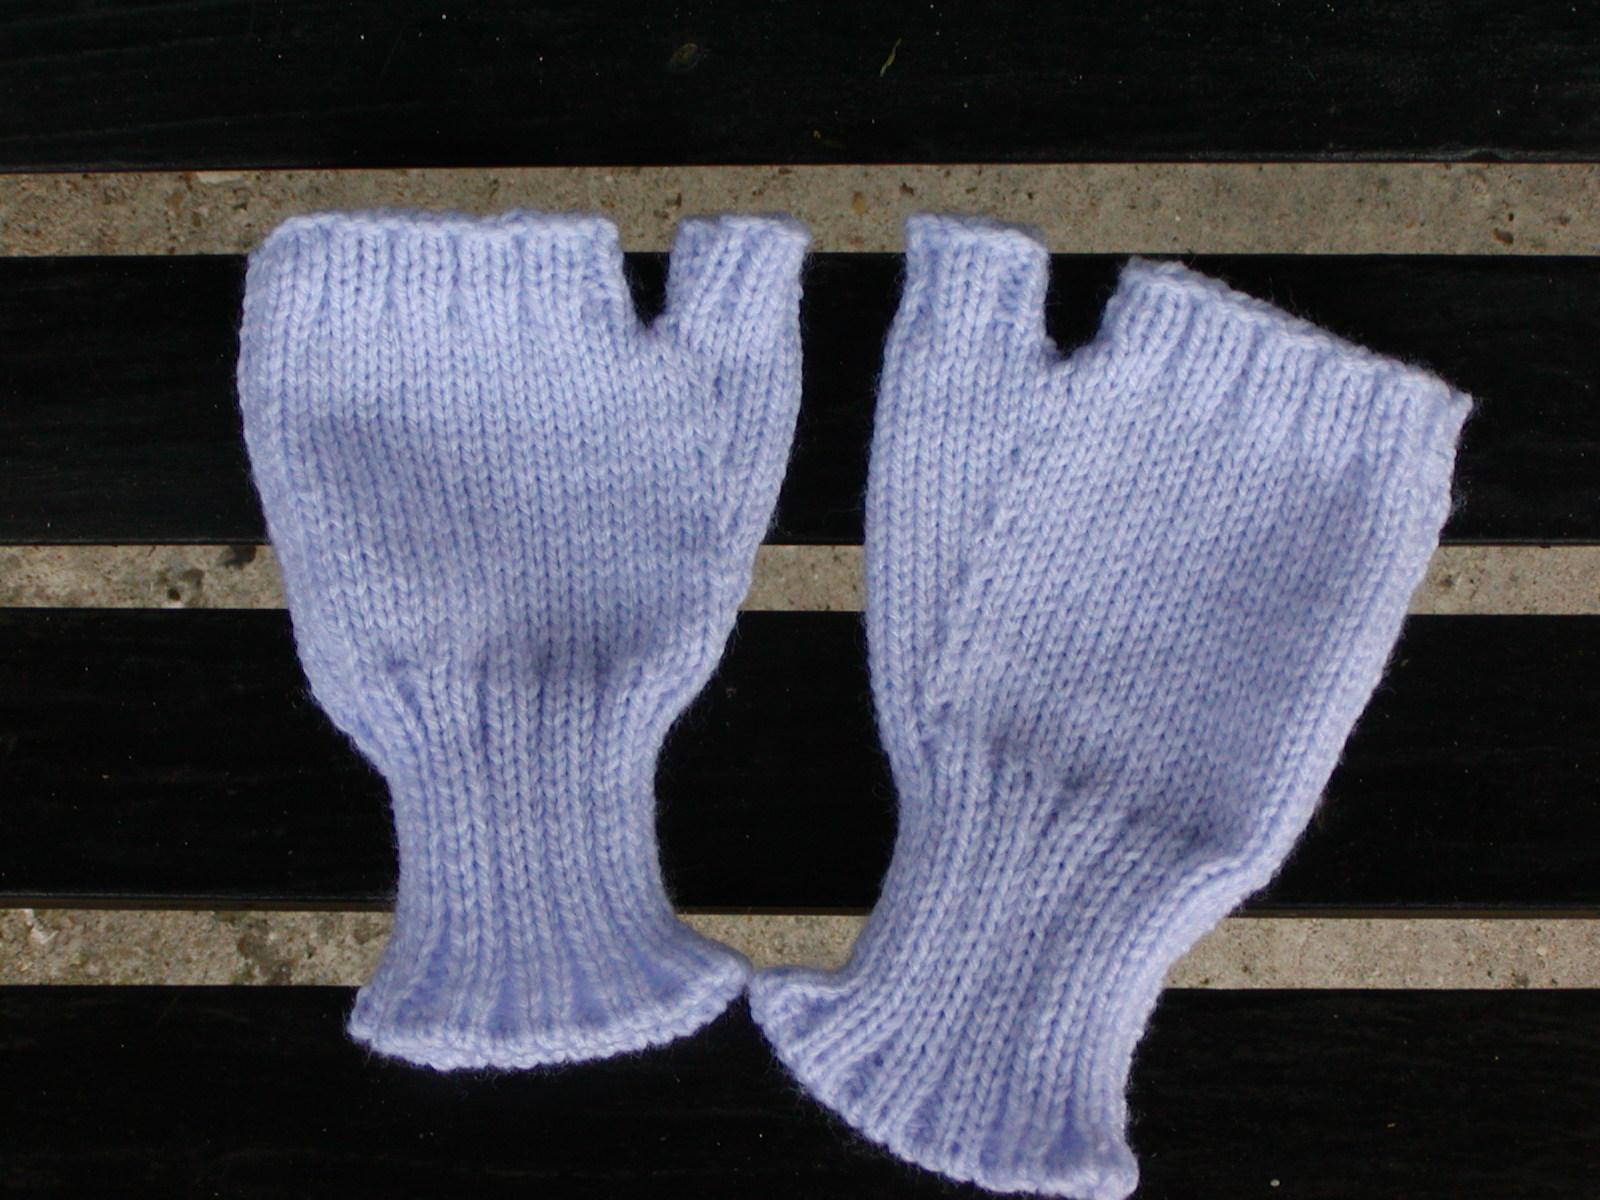 Addicted to machine knitting machine knitting patterns machine knitting patterns bankloansurffo Images